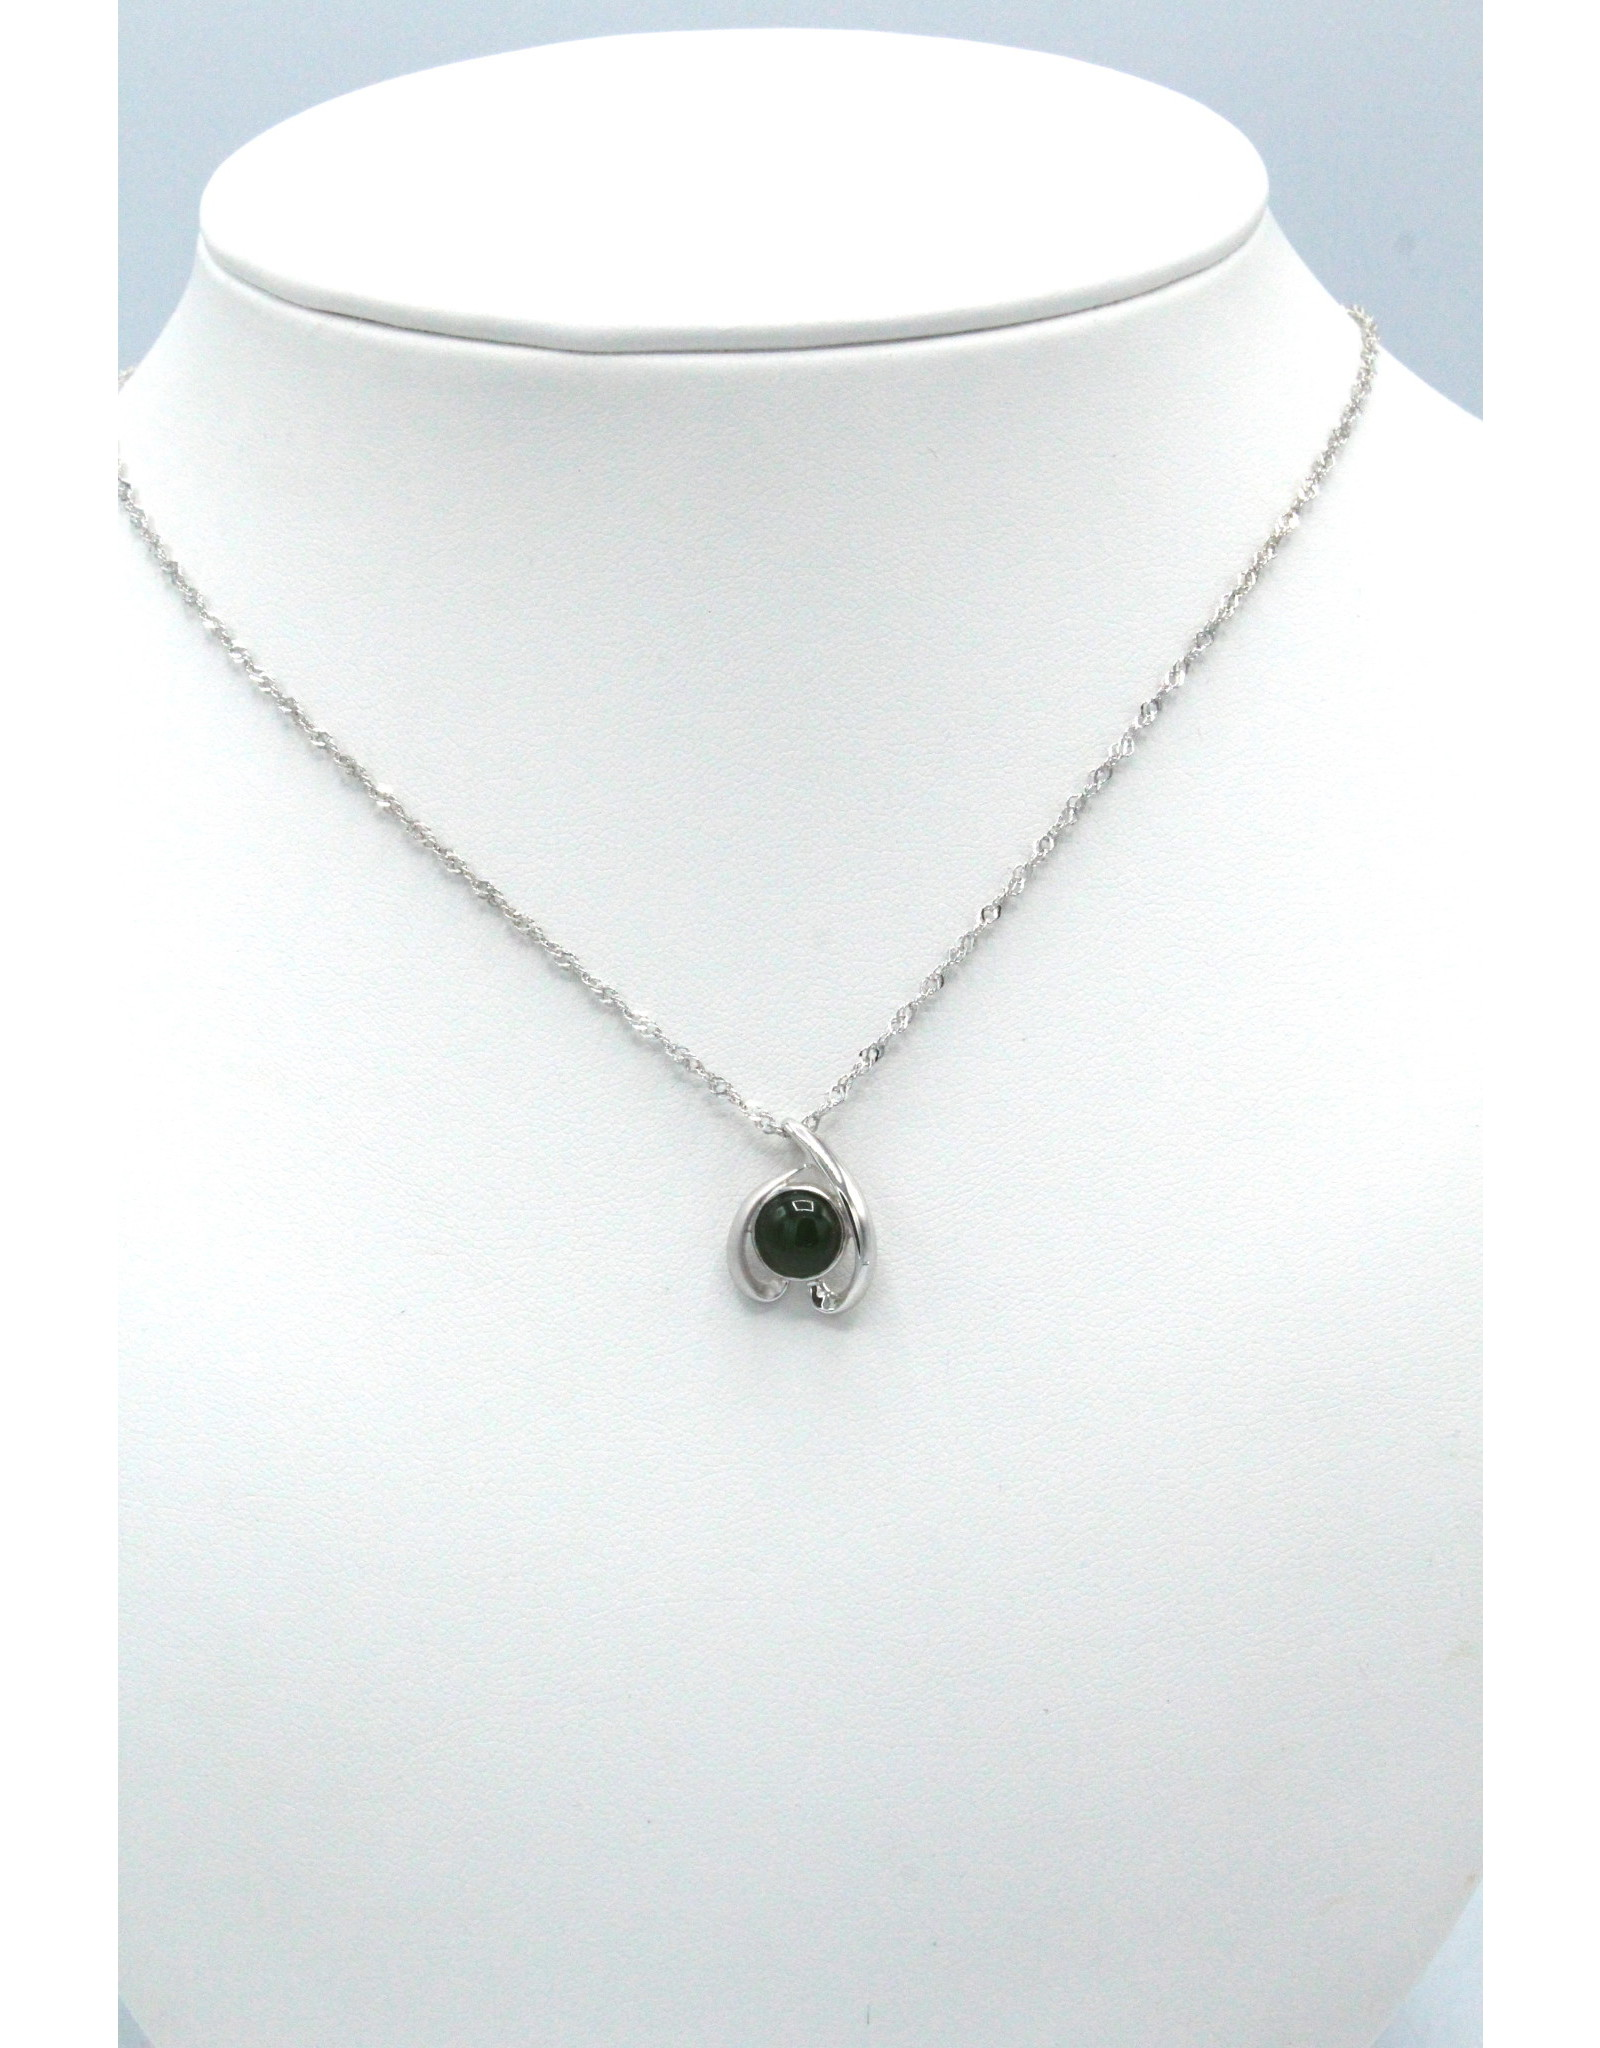 Jade Necklace - JPS60